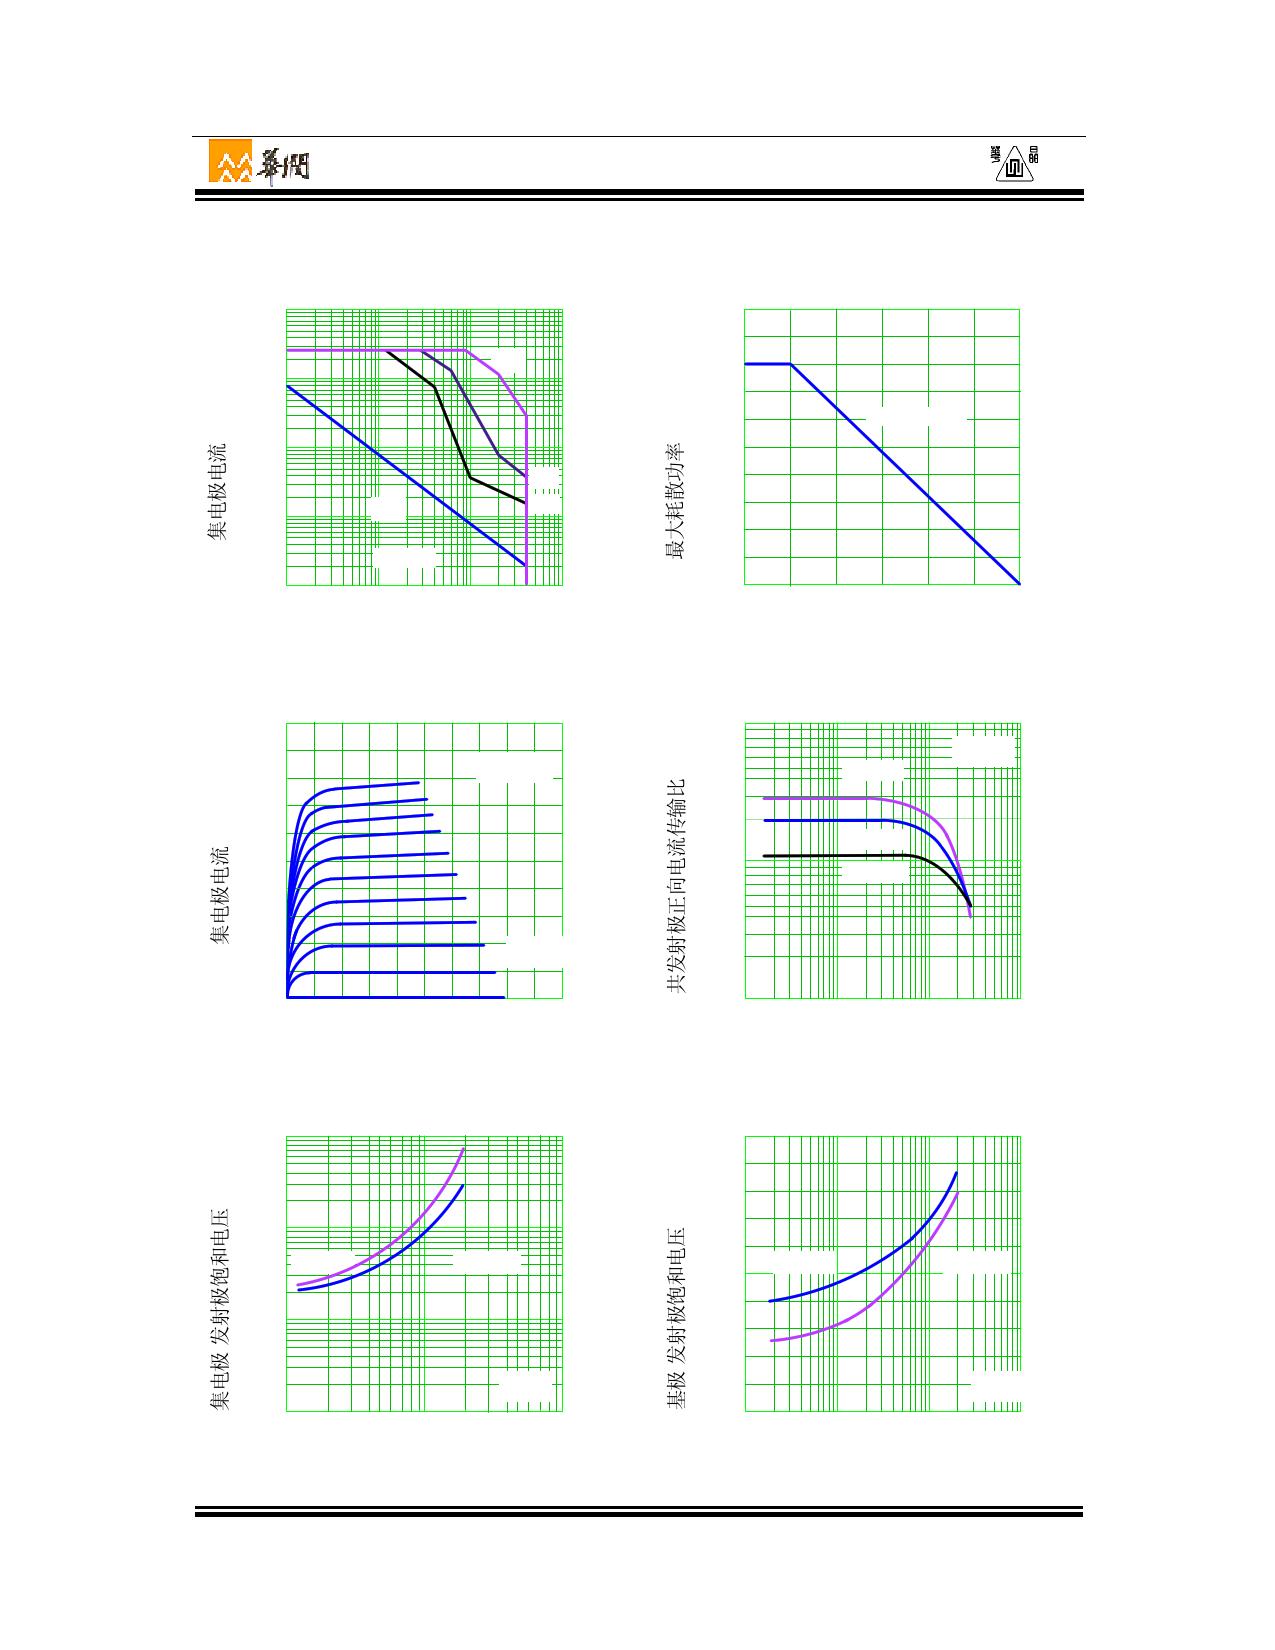 3DD4013B1D pdf, ピン配列